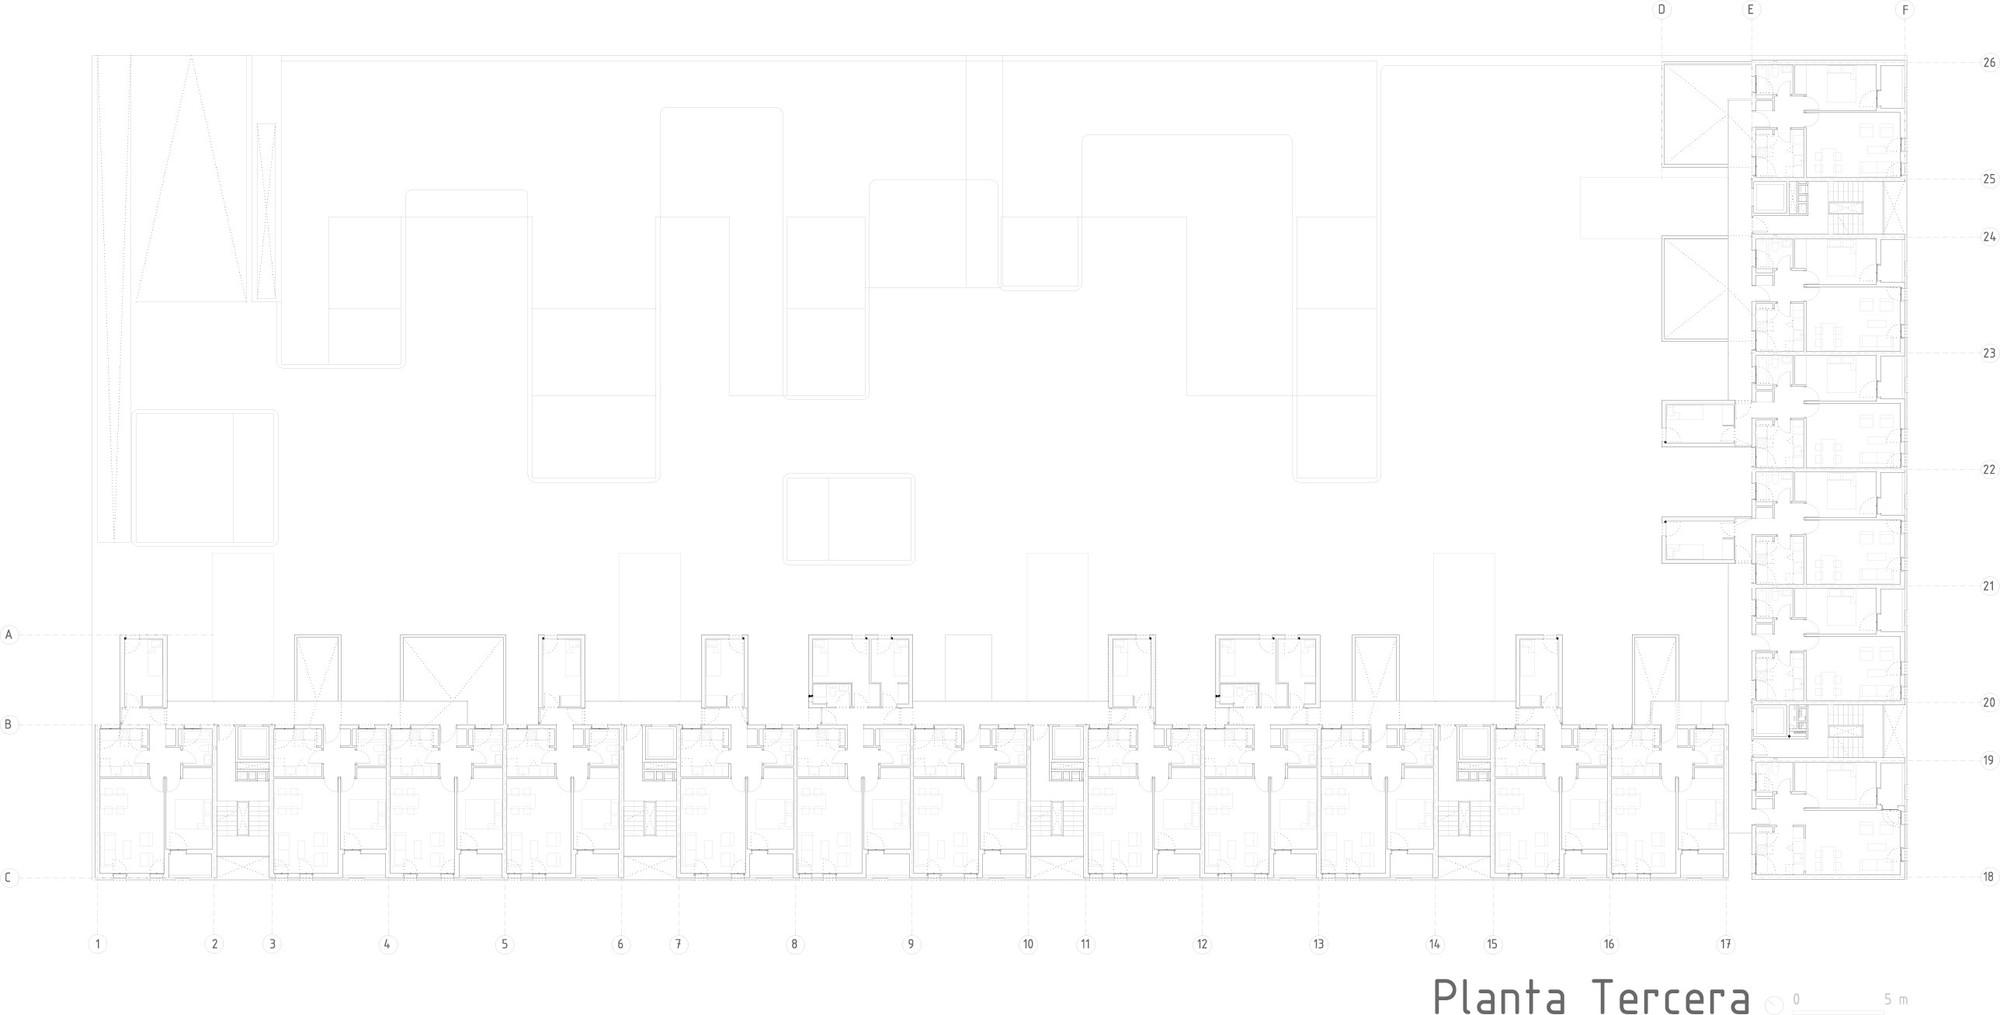 102 Viviendas En Carabanchel Dosmasunoarquitectos Plataforma  # Barre Duque Muebles